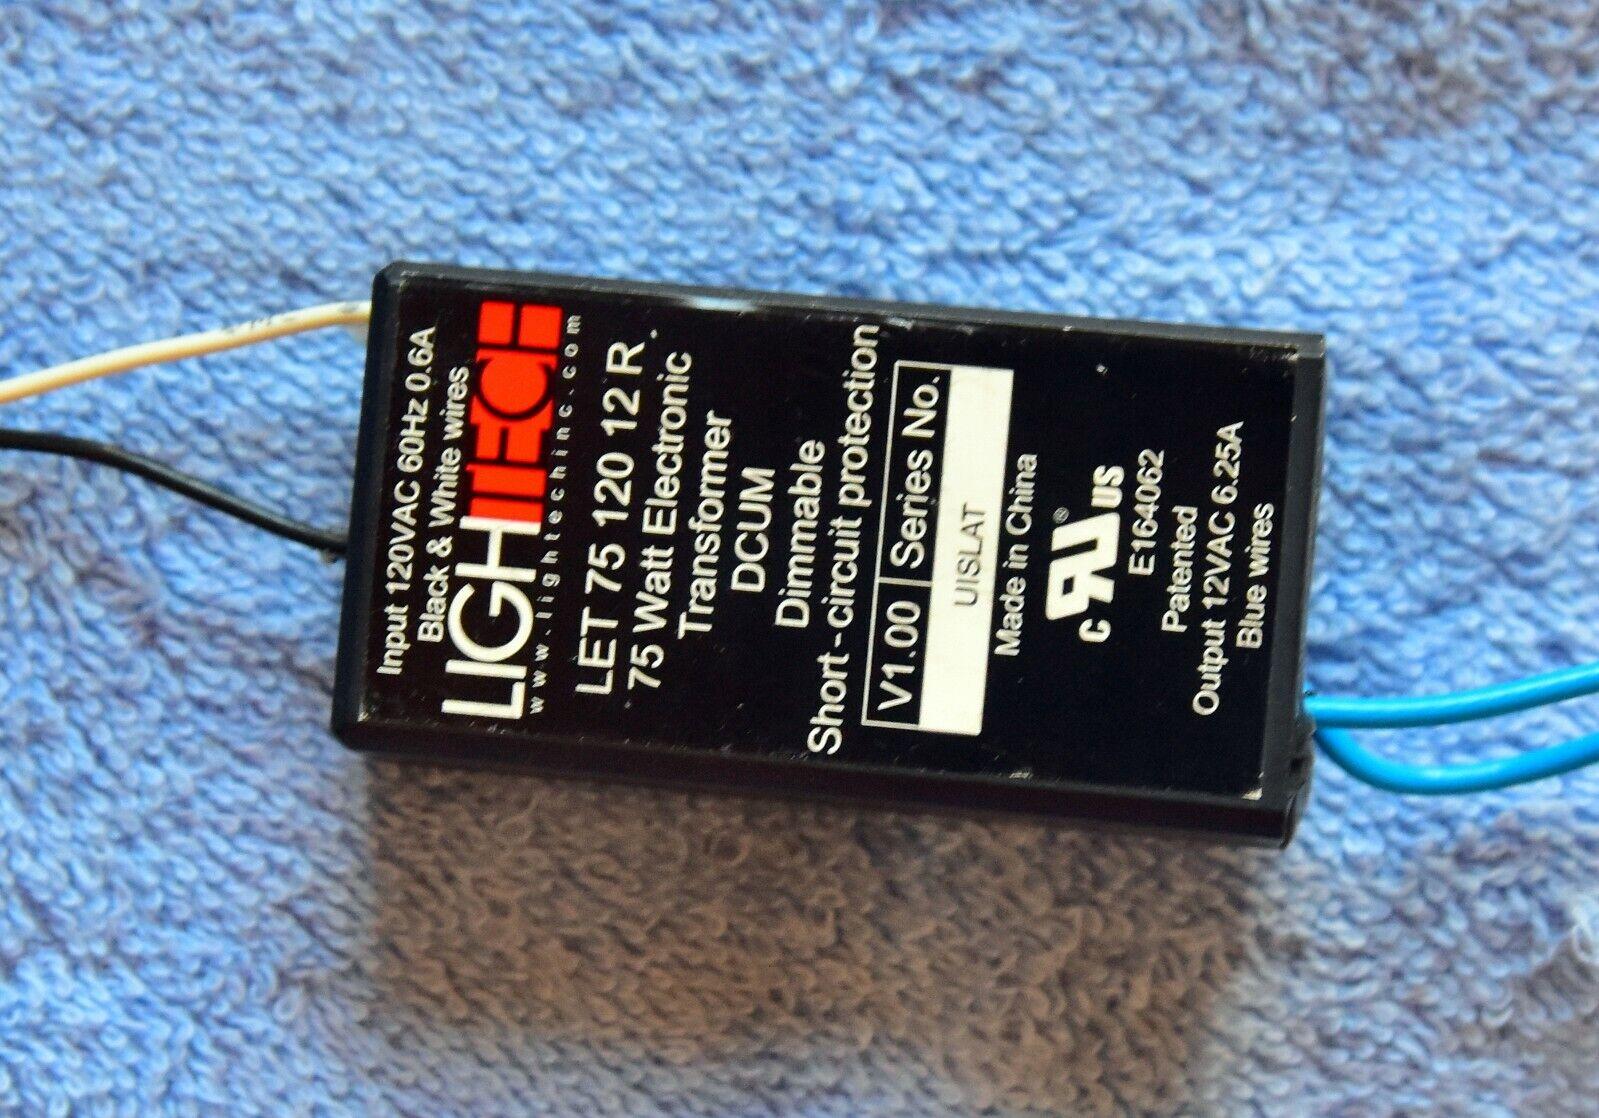 TACKS 13mm UPHOLSTERY//FRAMING//HIVE PIN 250g GREEN GIMP PINS